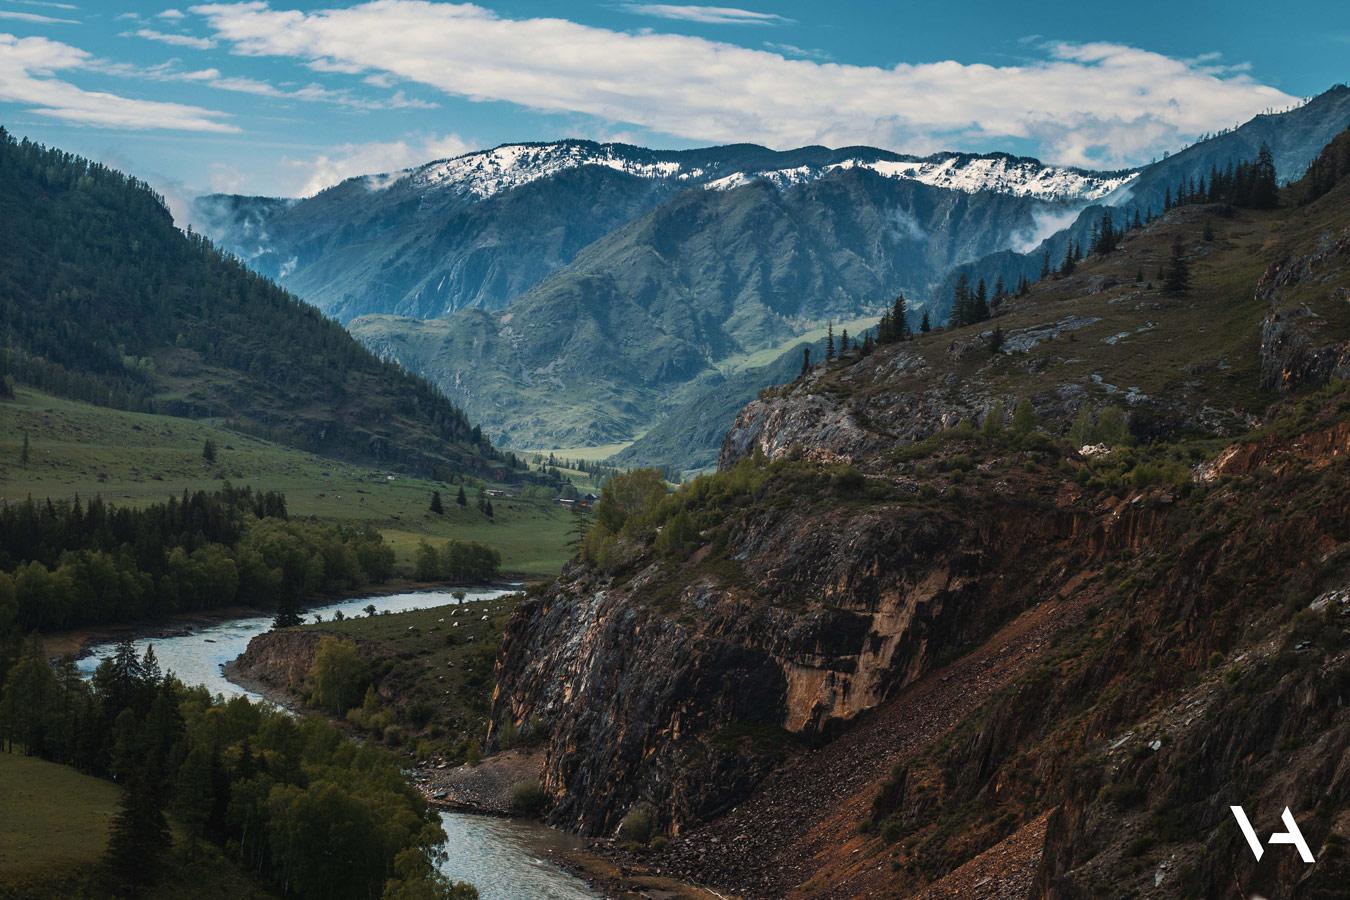 Горы Алтая, © Иоанн Степанченко, Фотоконкурс «О высоком» от National Geographic Россия